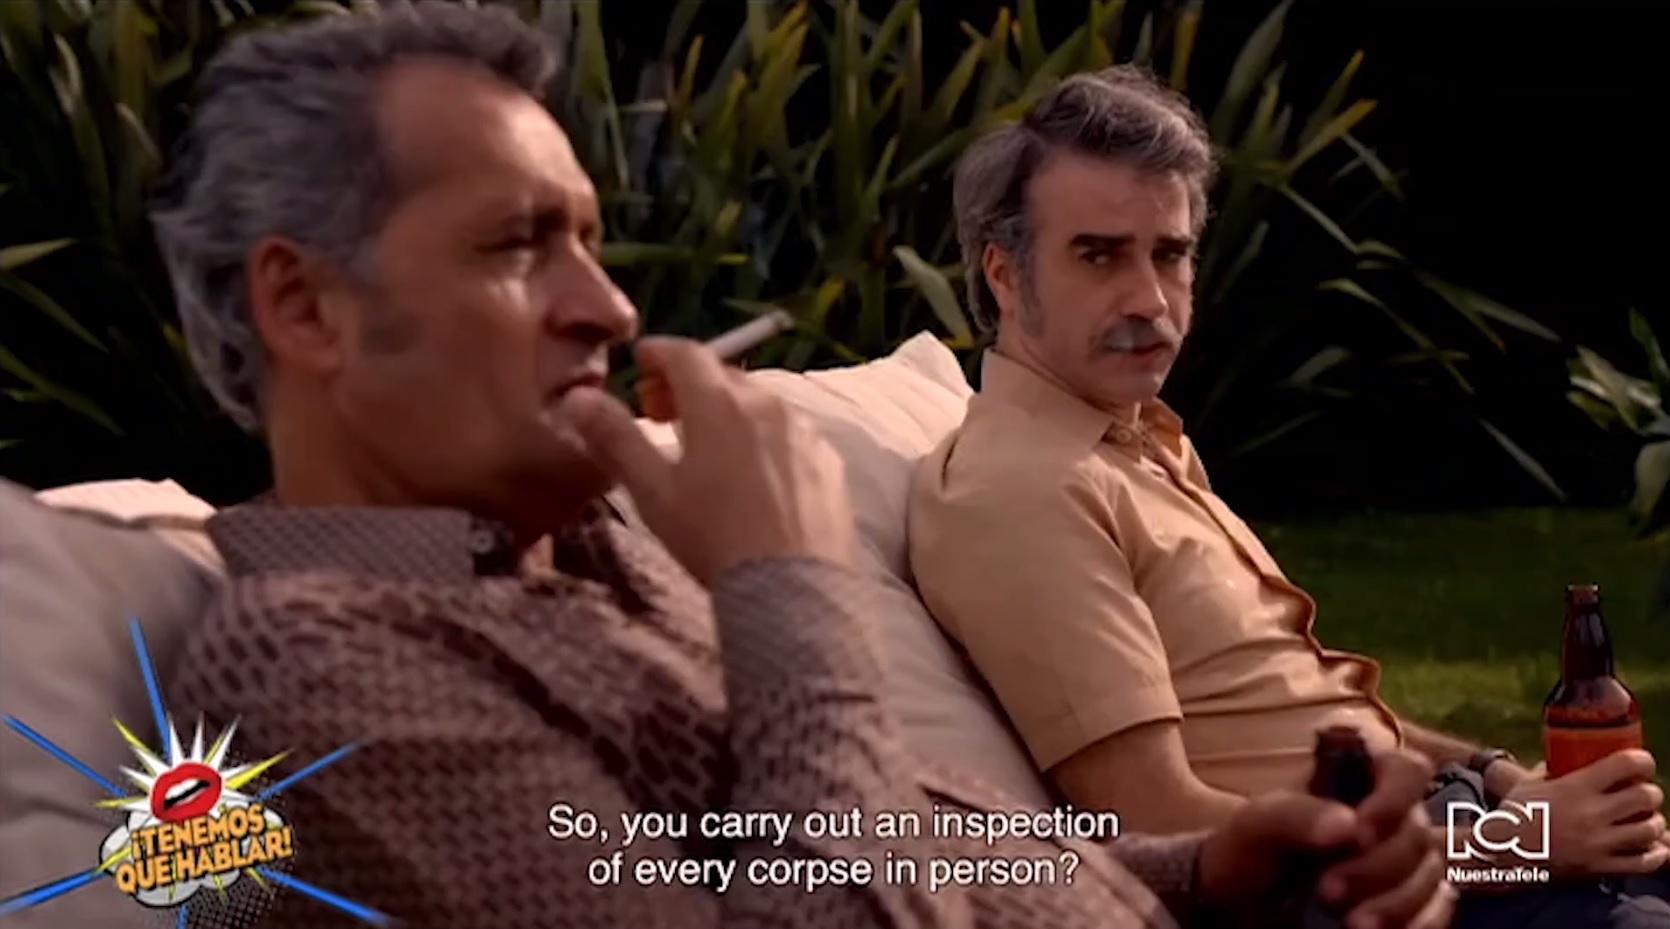 'Así habló el cambista' del uruguayo Federico Veiroj, llegará a finales de octubre al Festival de Cine de Nueva York